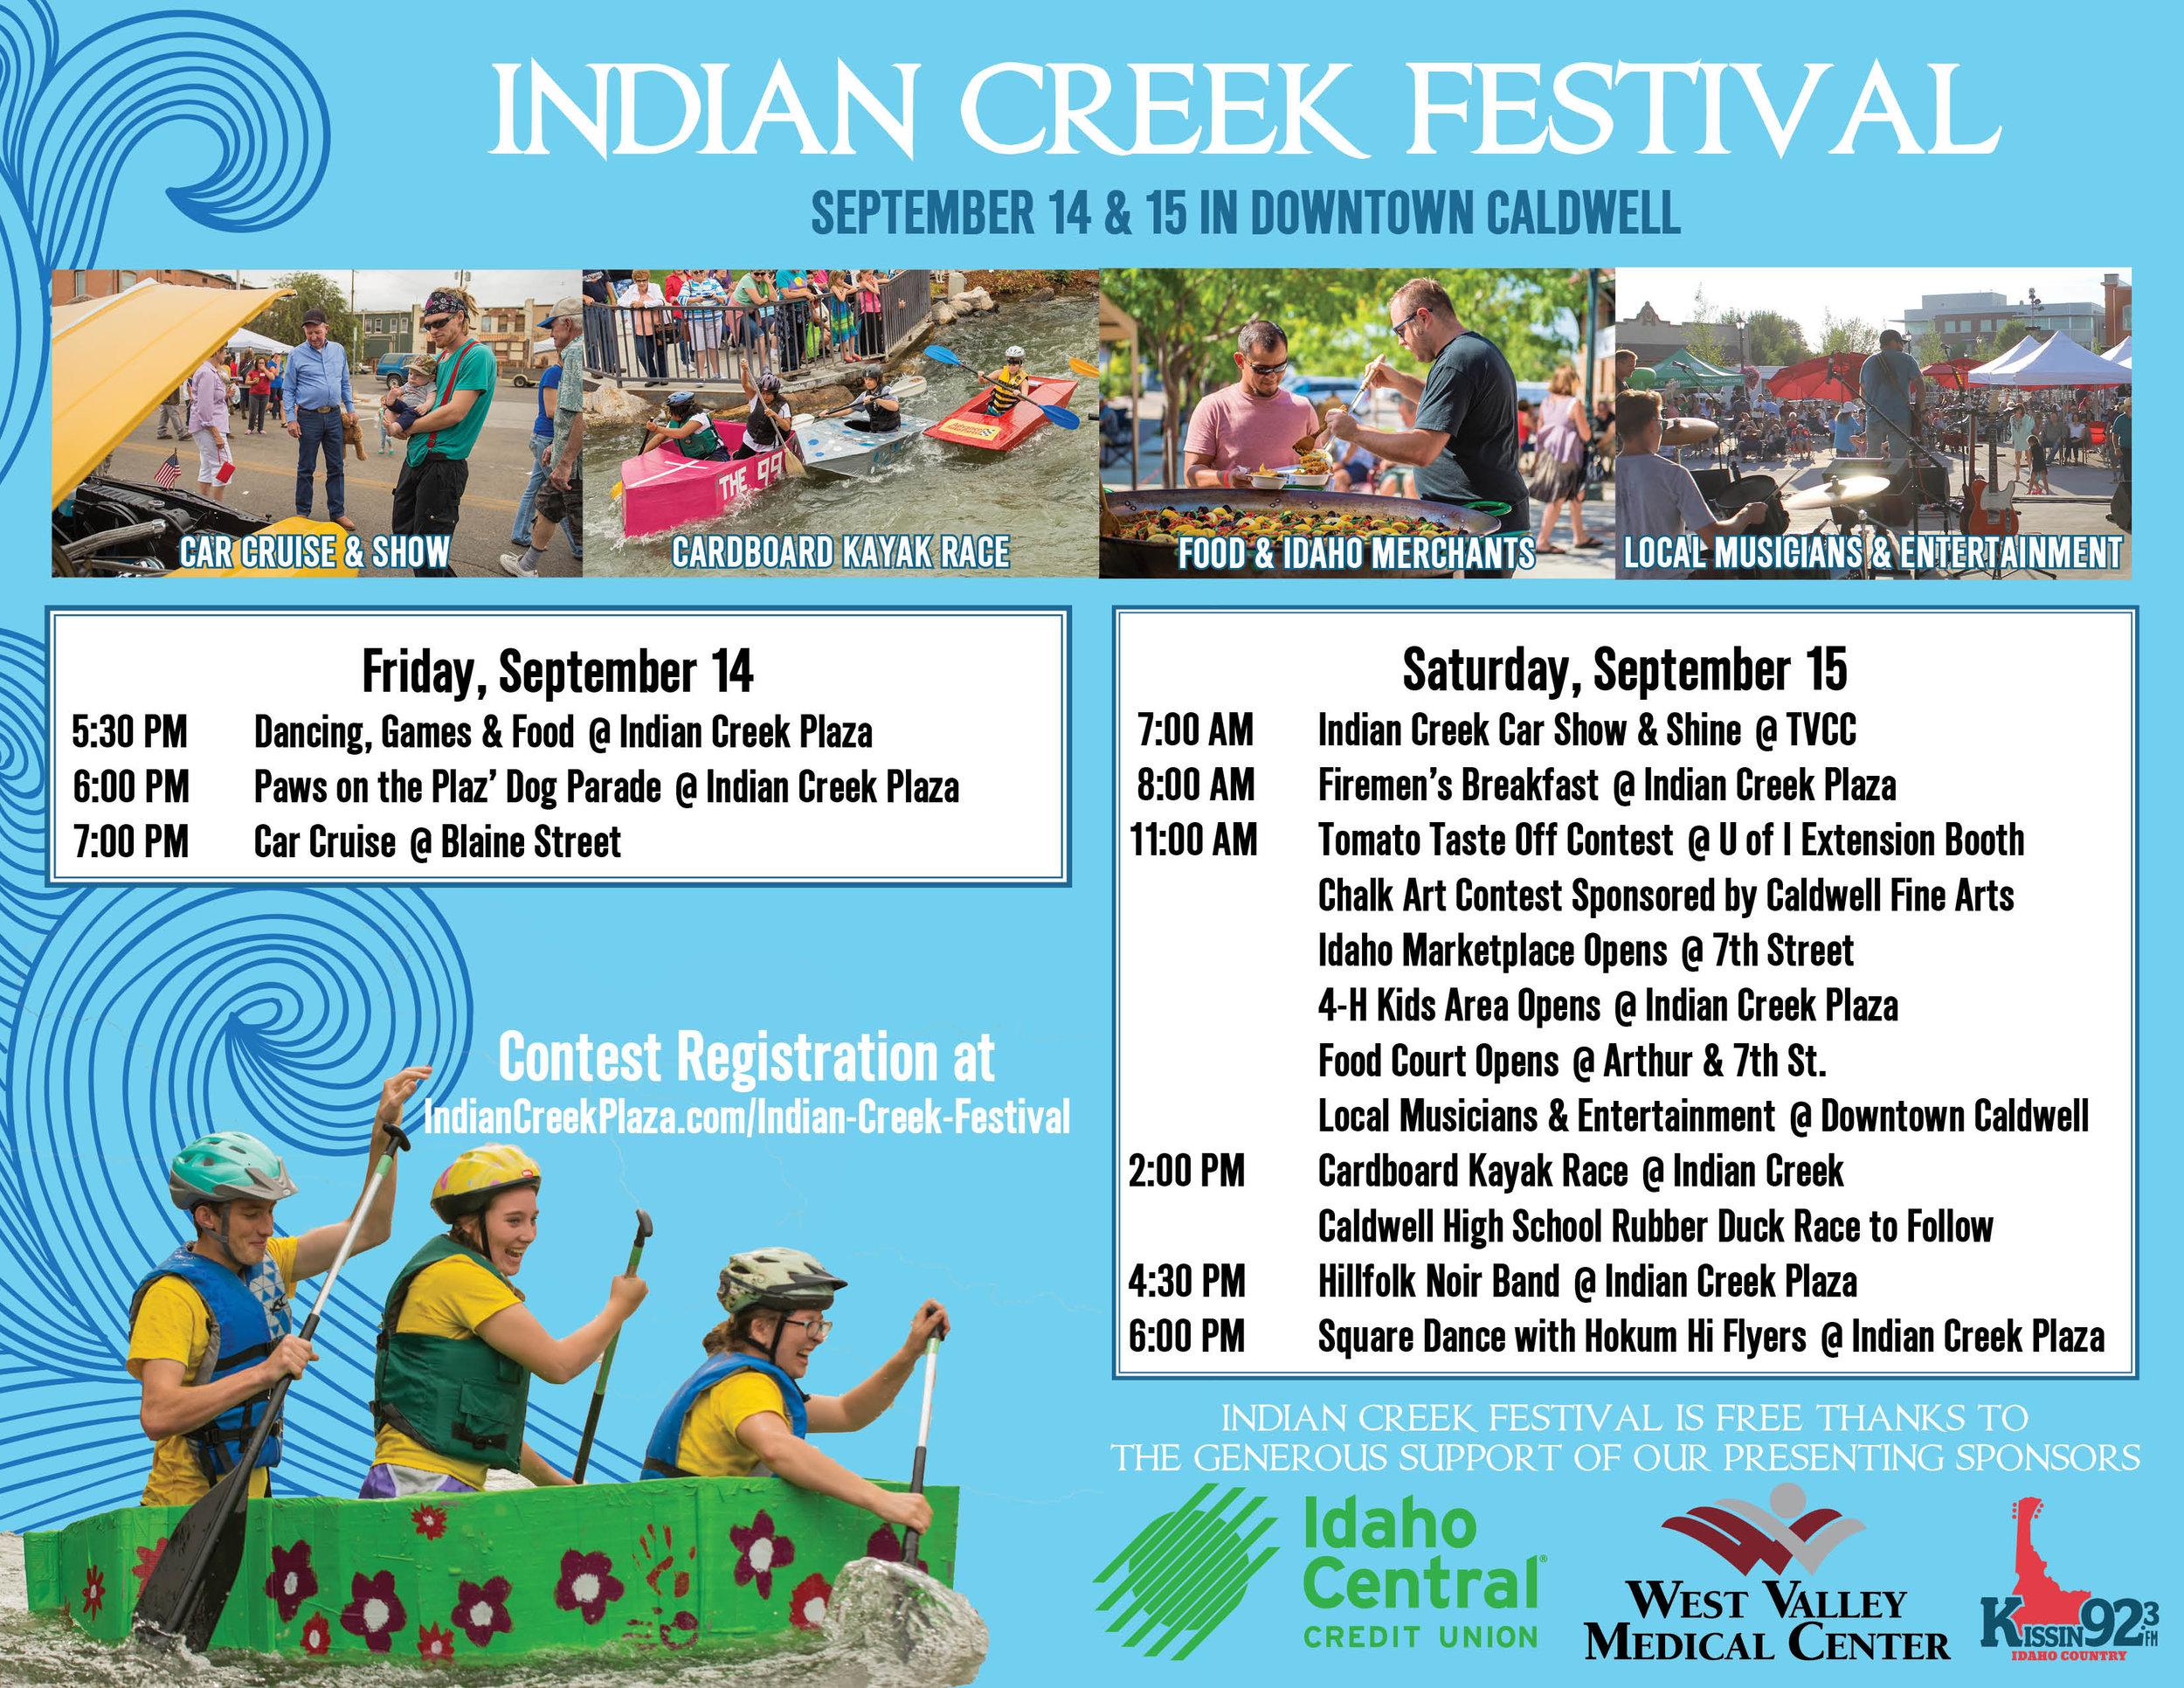 Indian Creek Festival Poster.jpg